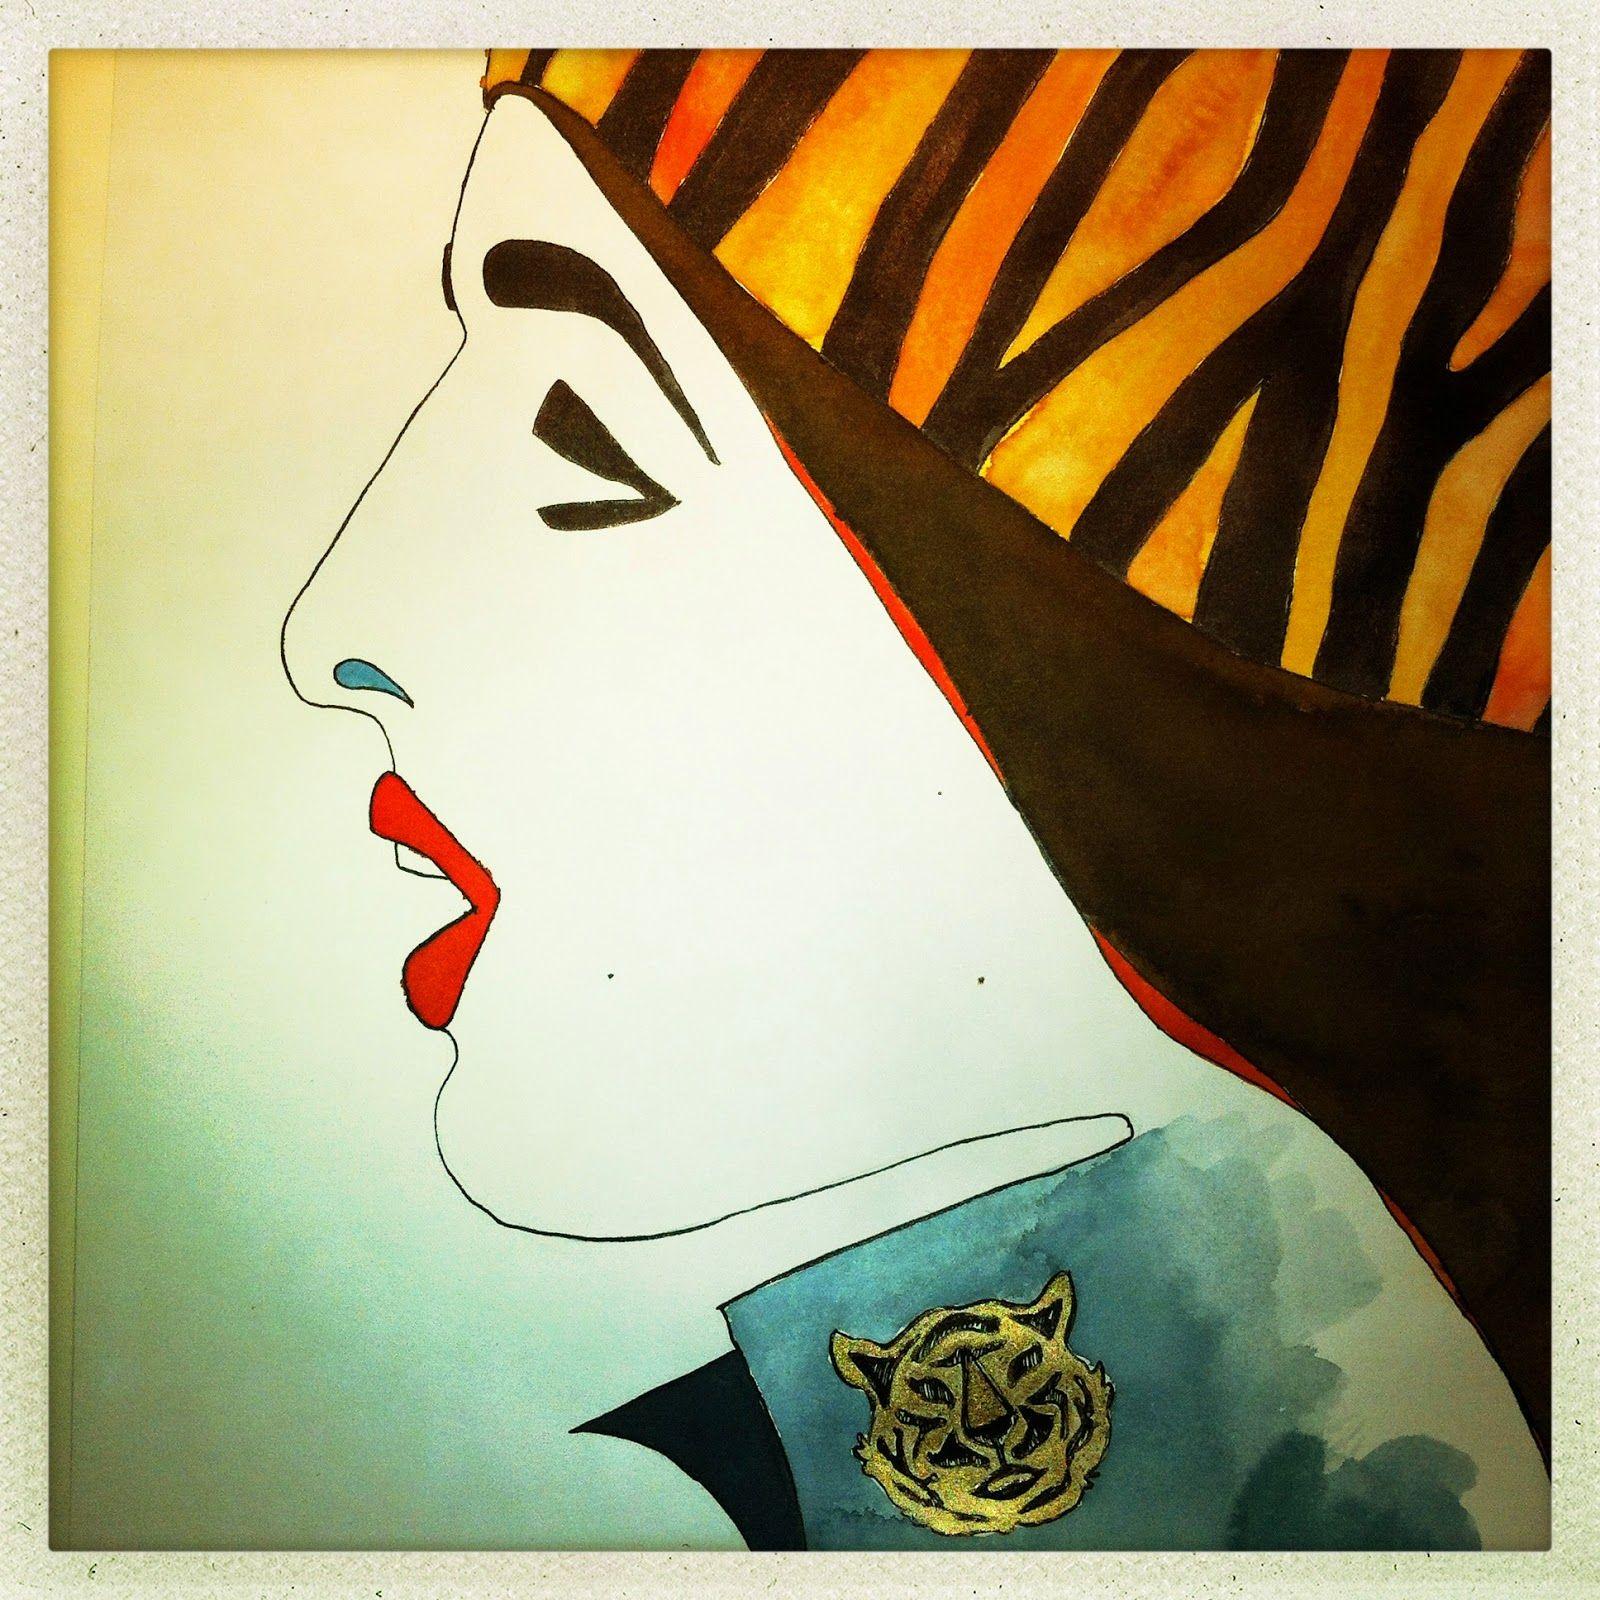 Zillie Suzie O: Et Tigerhoved